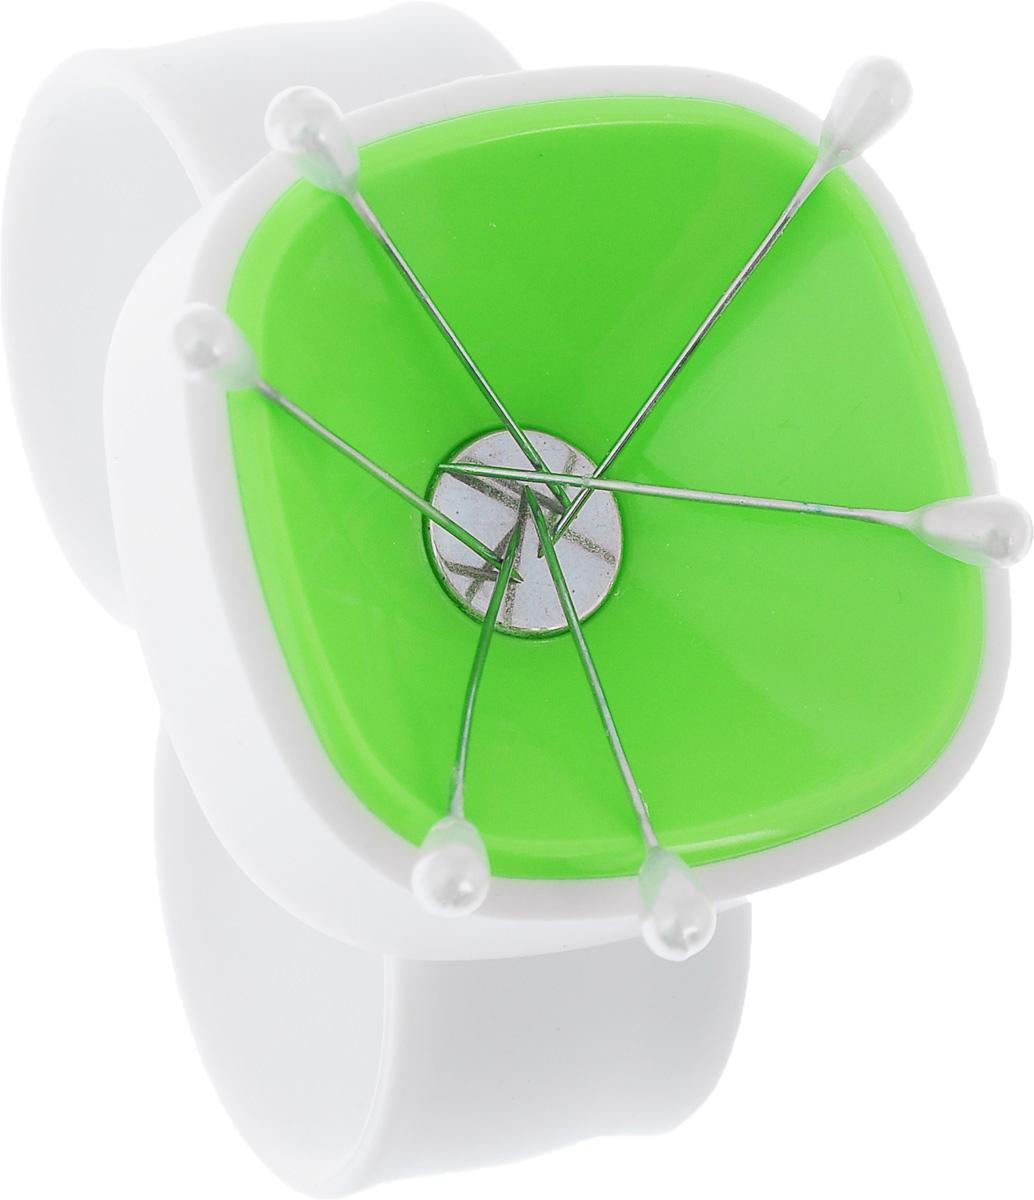 Магнитная игольница на запястье Hemline, цвет: белый, зеленый276.WP_зеленыйМагнитная игольница на запястье Hemline изготовлена из пластика и силикона. Изделие надежно удерживает иглы и булавки благодаря специальному магниту. Игольница имеет легкий вес, проста и интересна в использовании. Надевается на запястье, что очень удобно при работе. Браслет имеет универсальный размер и гибкий ремешок, поэтому легко надевается и снимается. В комплекте предусмотрено 6 портновских булавок. Длина ремешка: 25 см. Ширина ремешка: 2,3 см. Размер игольницы: 5 х 5 х 2 см.